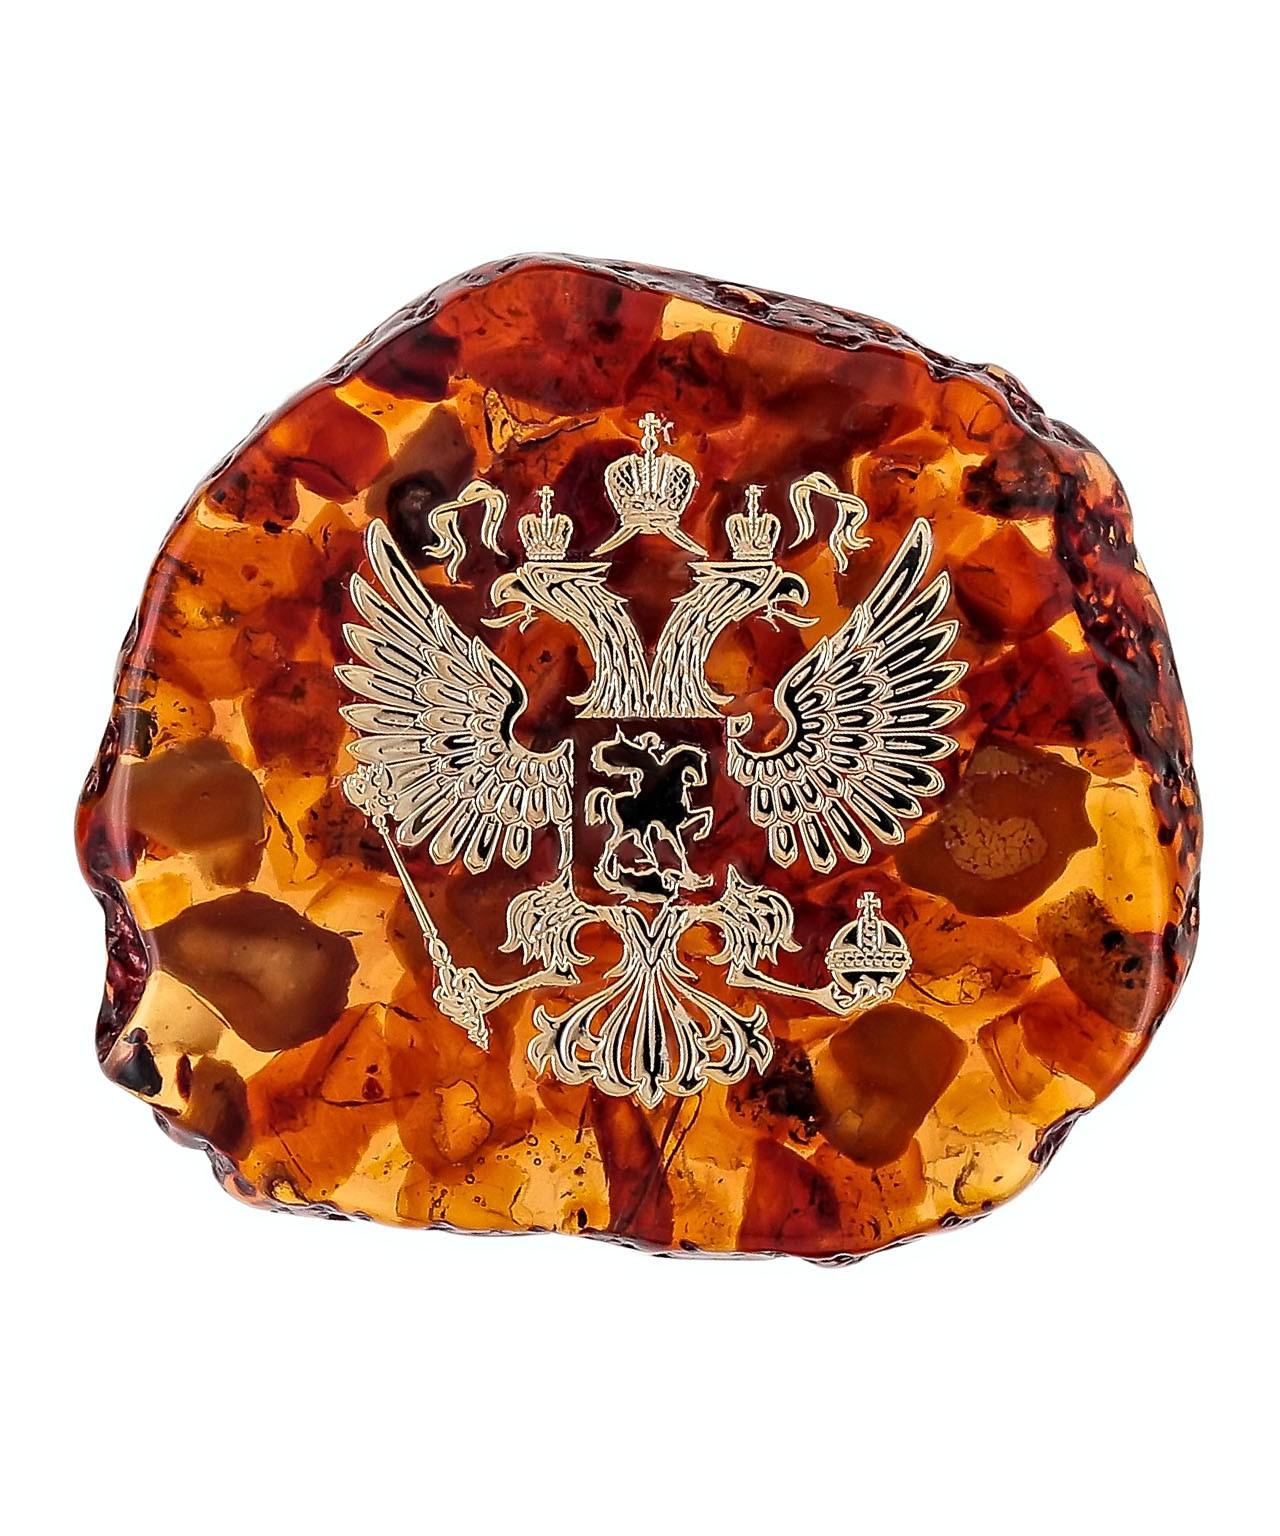 Магнит СПБ Янт. Герб России мал. 1696.6